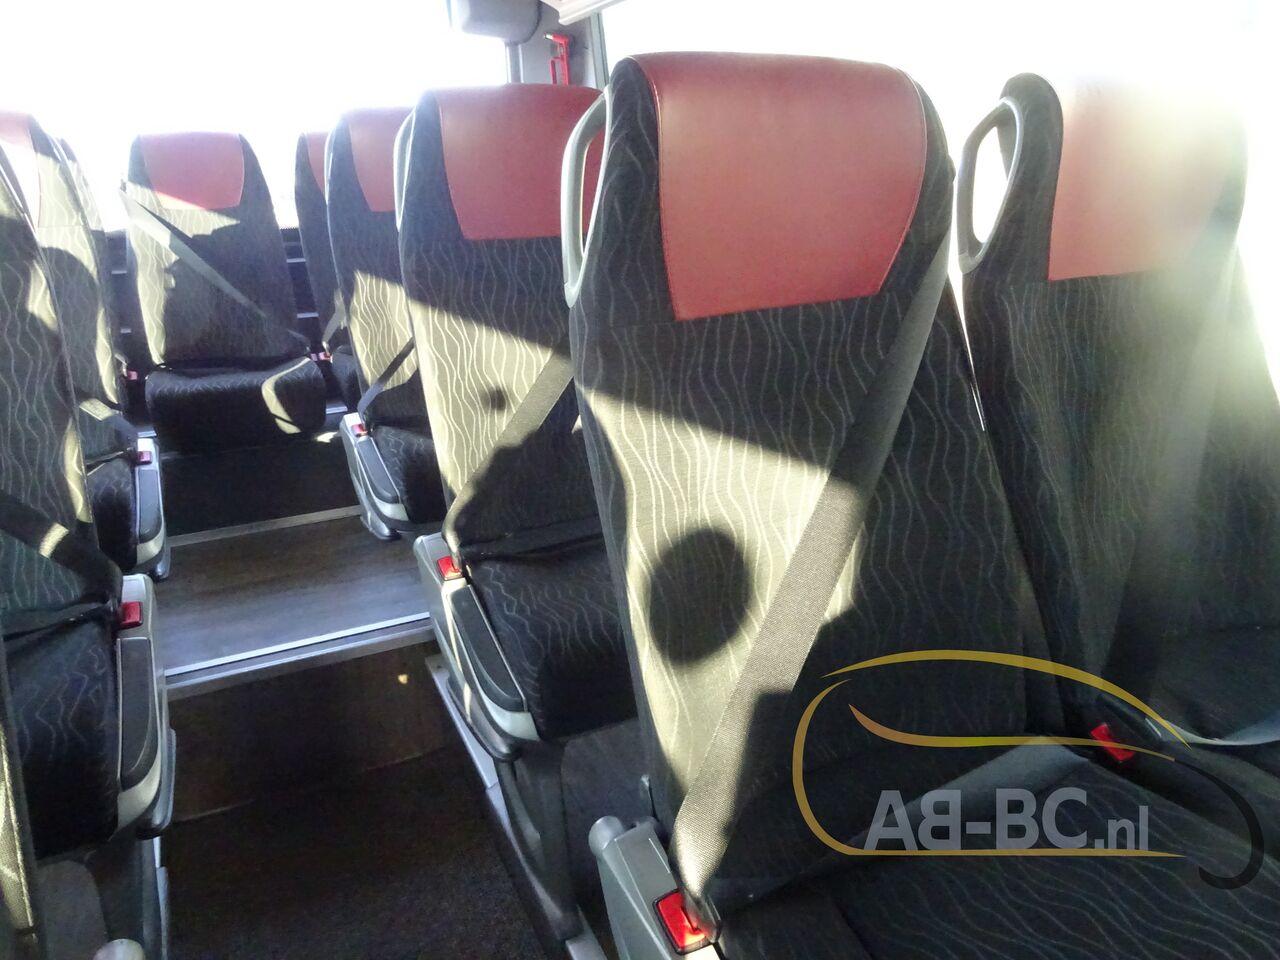 coach-bus-SETRA-S415H-52-Seats-EURO-6-Liftbus---1630913469625016119_big_f94e46ef75ded3629c56b45328da9e65--21070517141280735500